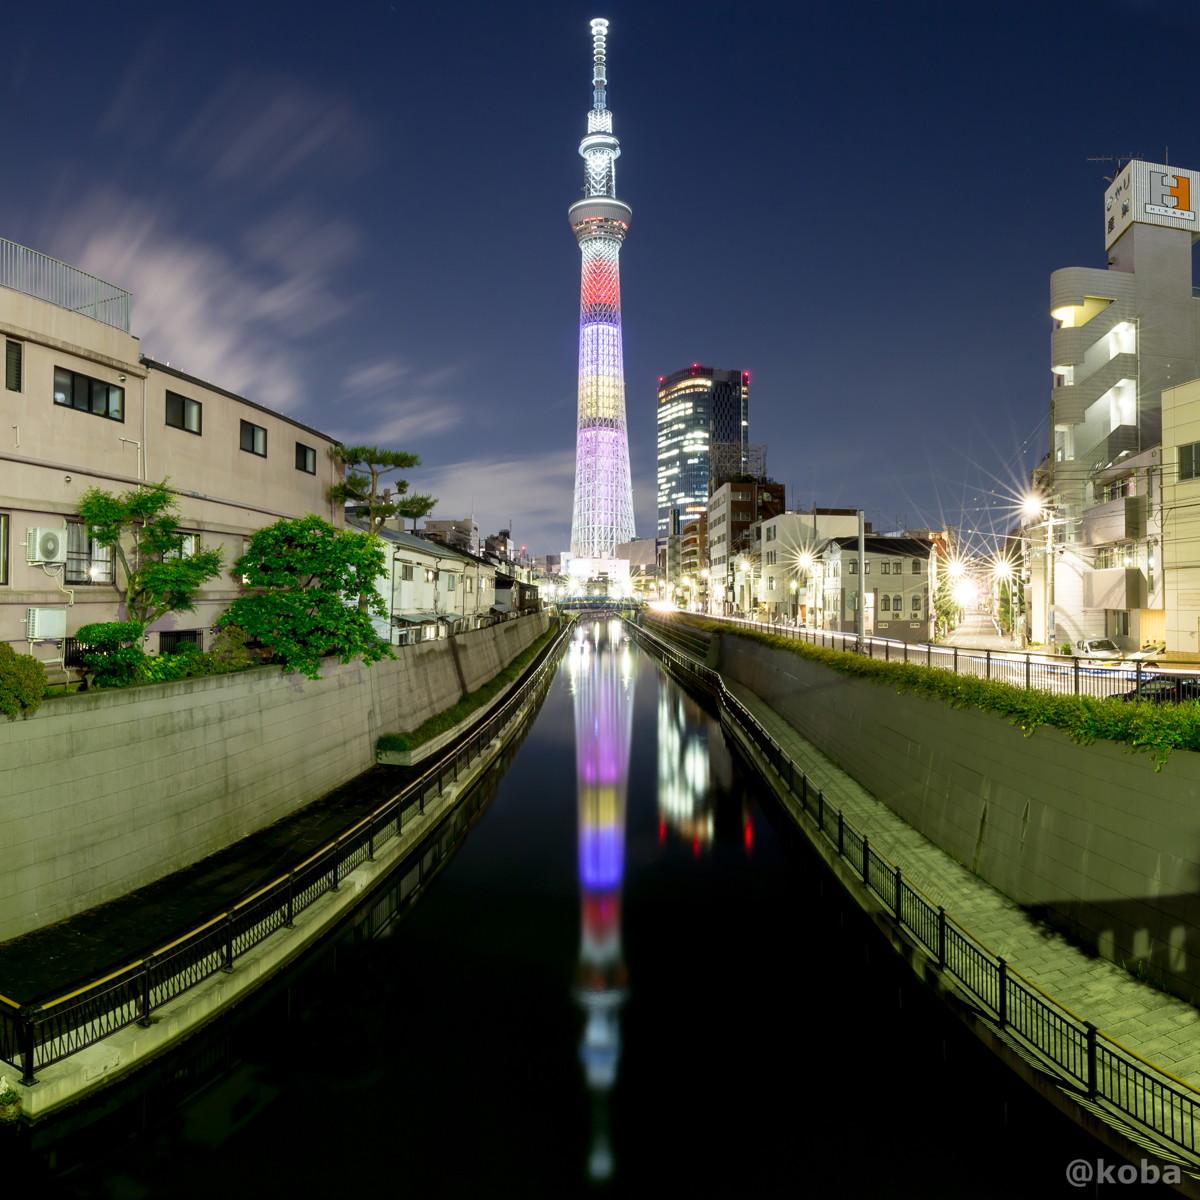 東京スカイツリー│ももいろクローバーZ結成10周年記念 特別ライティング│十間橋(じゅっけんばし)│こばフォトブログ│@koba